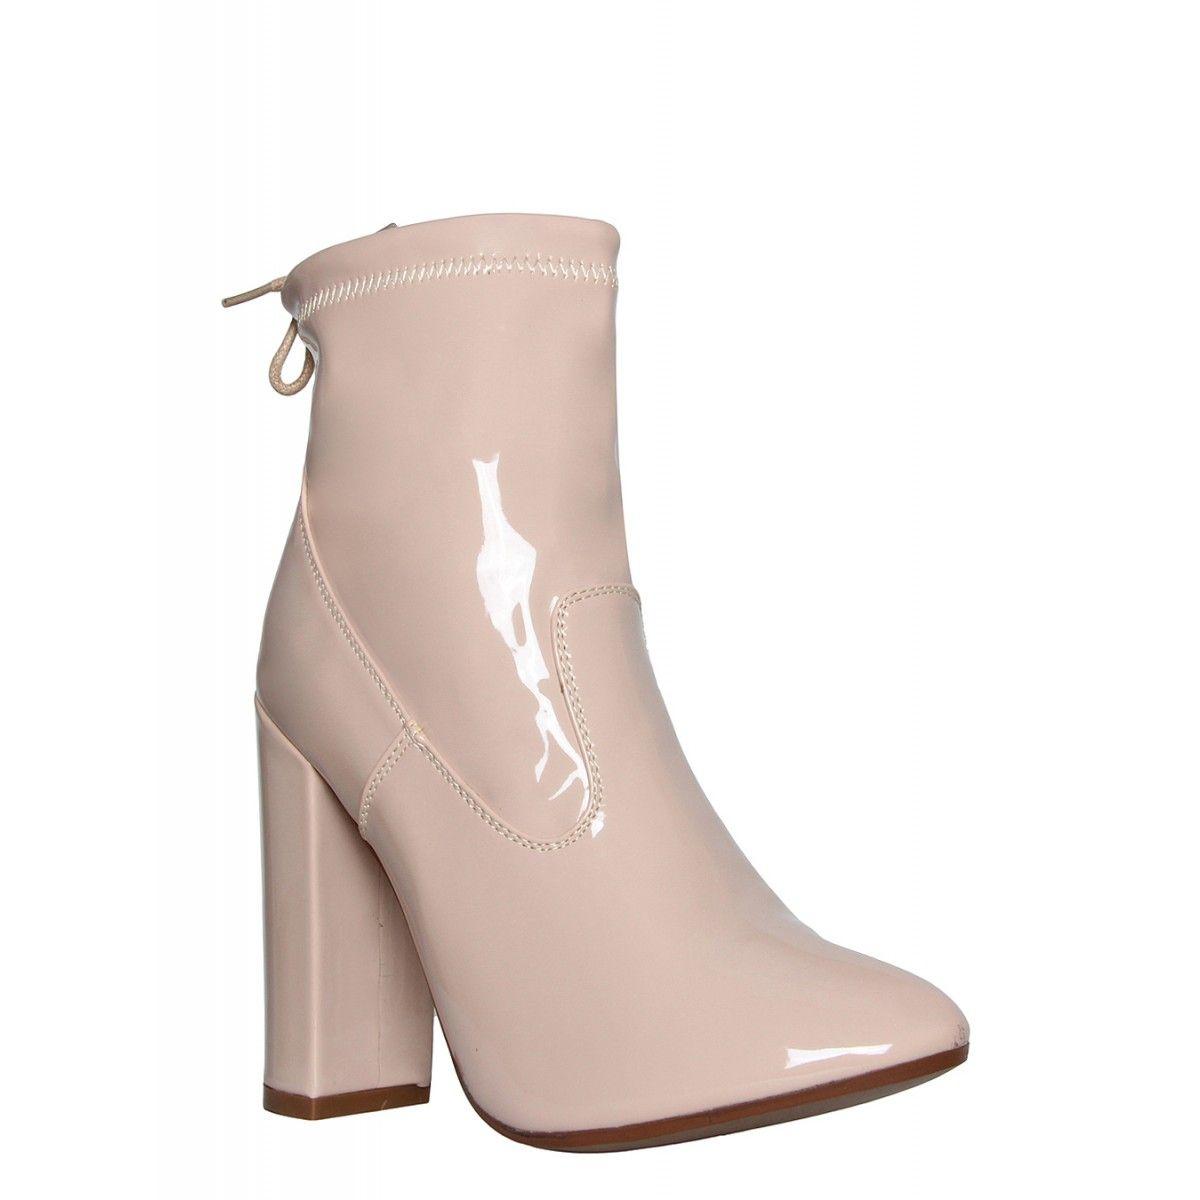 e729063879e Georgia Nude Patent Block Heel Ankle Boots   Simmi Shoes